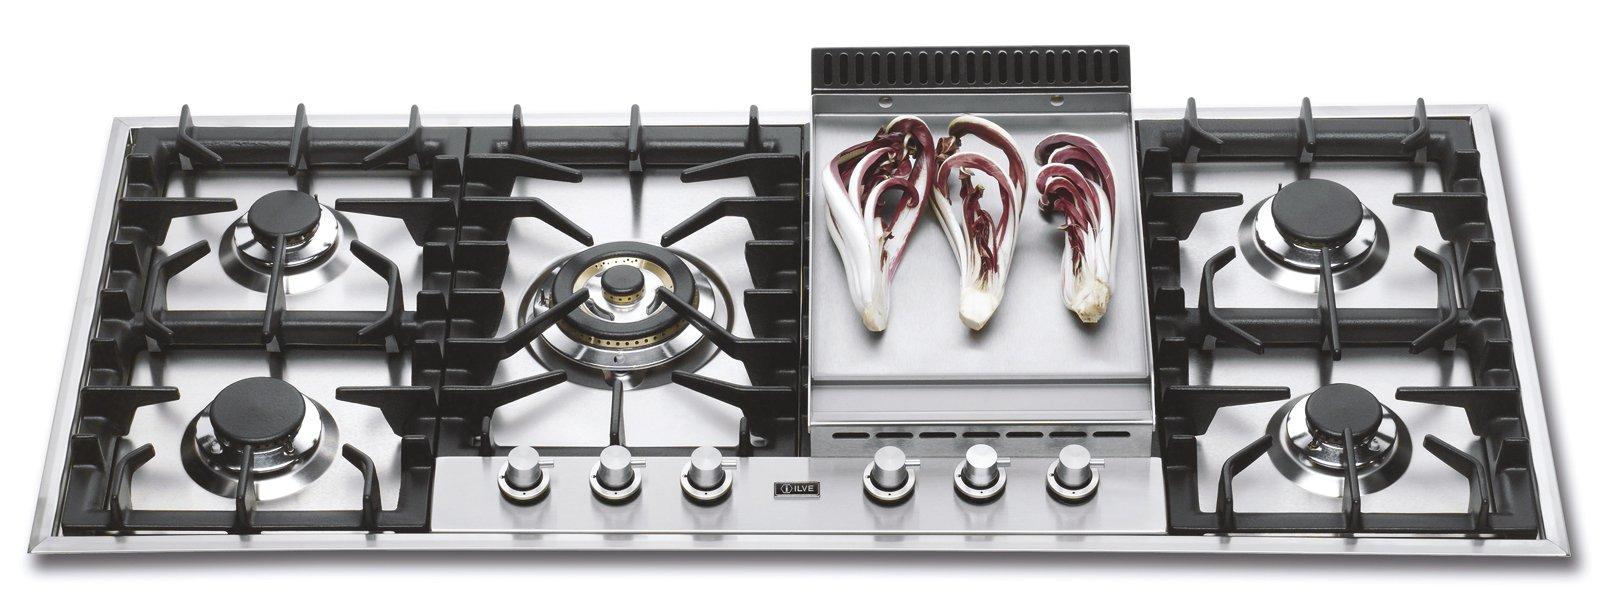 Piani cottura con o senza fiamma cose di casa for Fornelli a induzione consumi